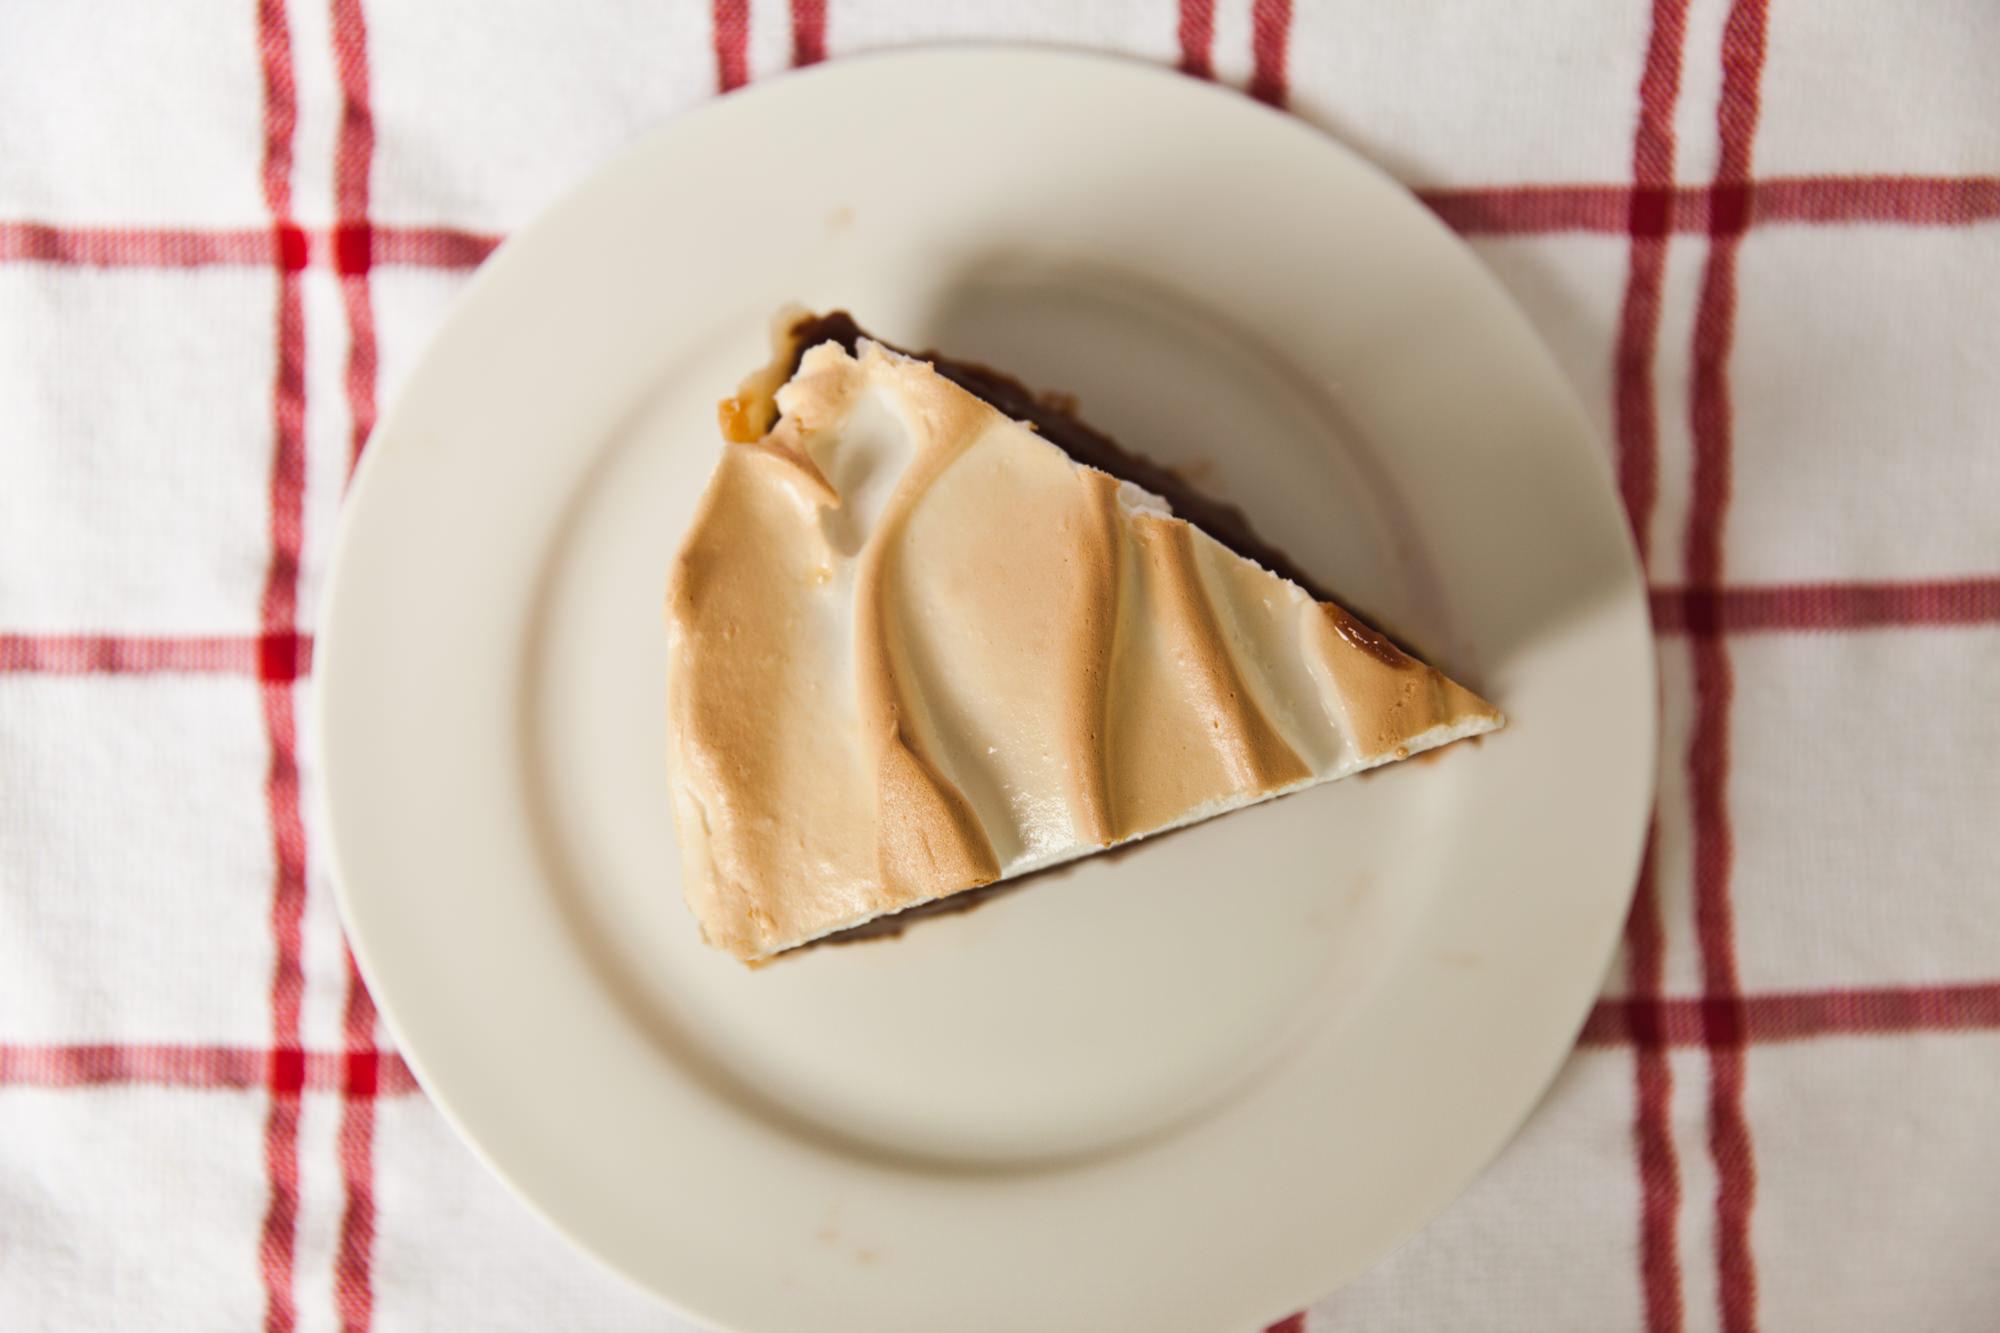 chocolate-pie-recipe-31.jpg